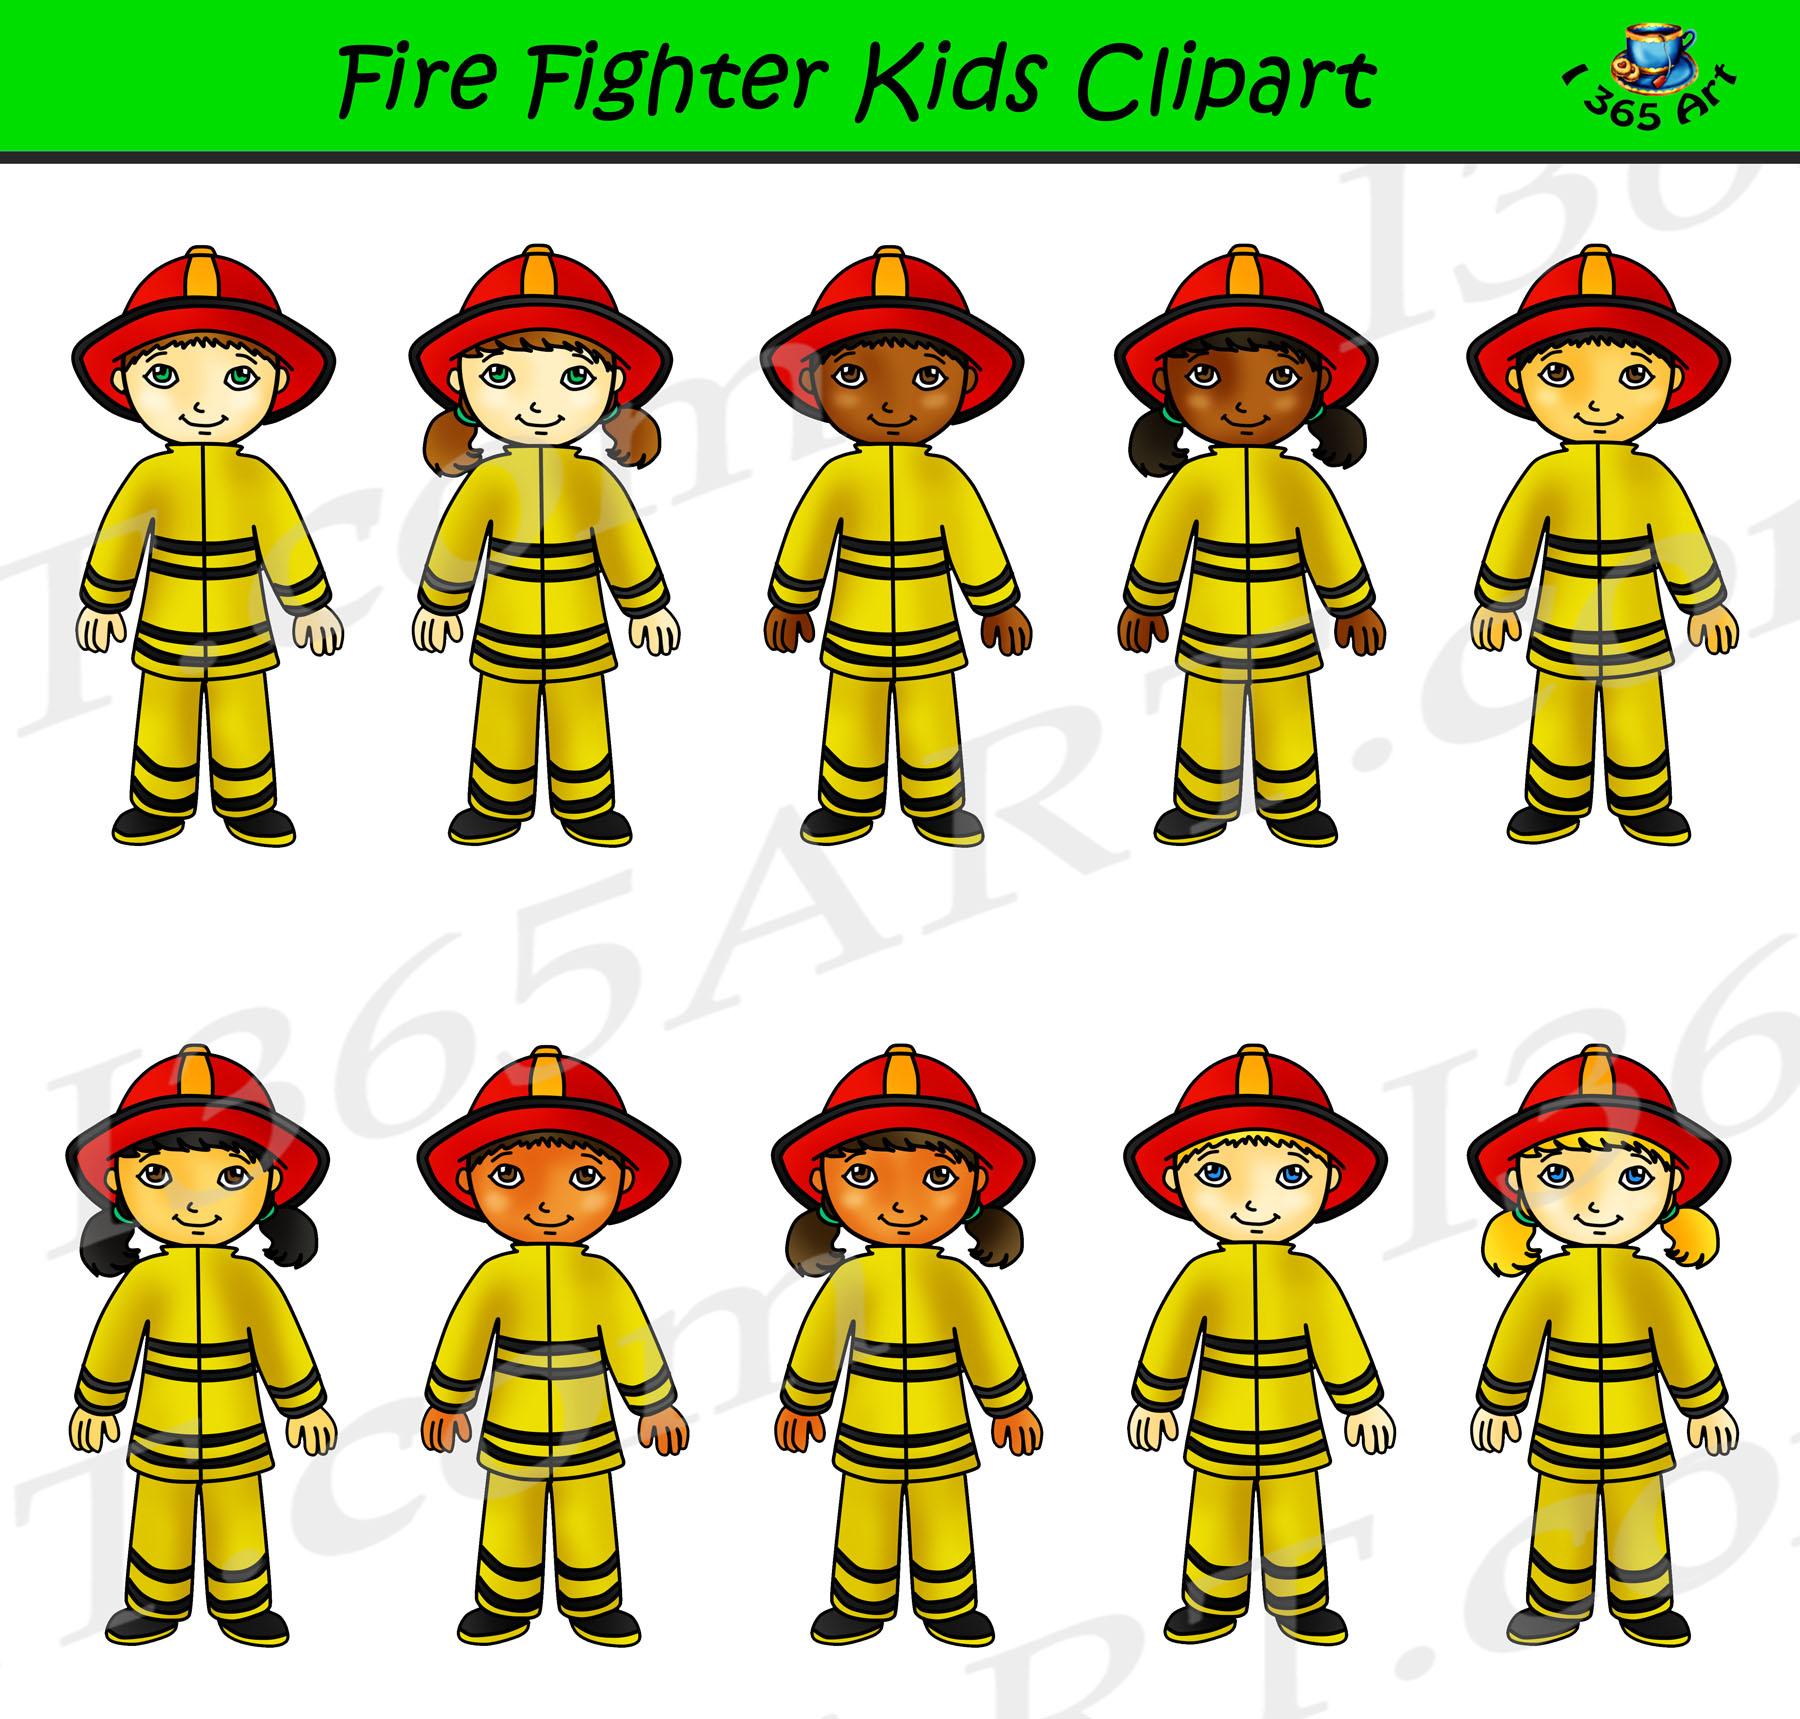 Firefighter Clipart Kids.